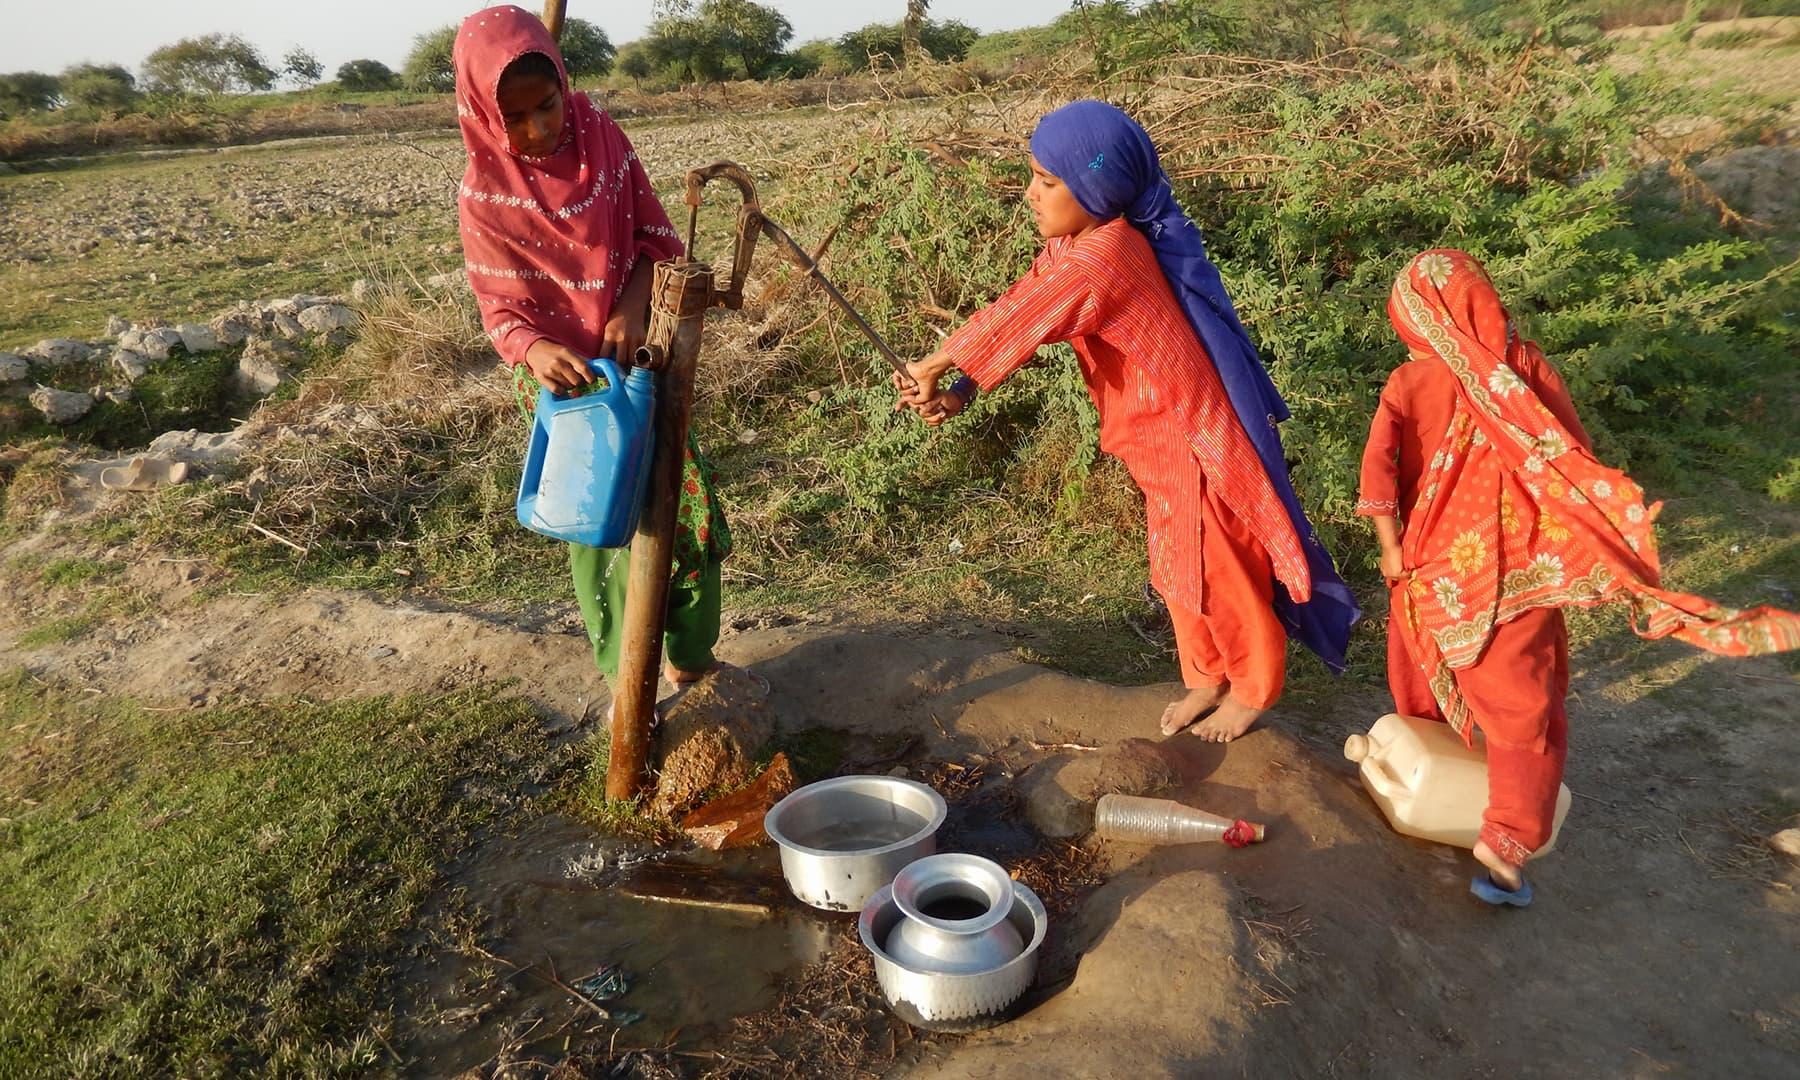 جب سے ساحلی پٹی میں گزشتہ 20 سے 25 برسوں سے پانی کی کمی ہوئی ہے تب سے ان بستیوں کا عجیب حال ہے—تصویر ابوبکر شیخ